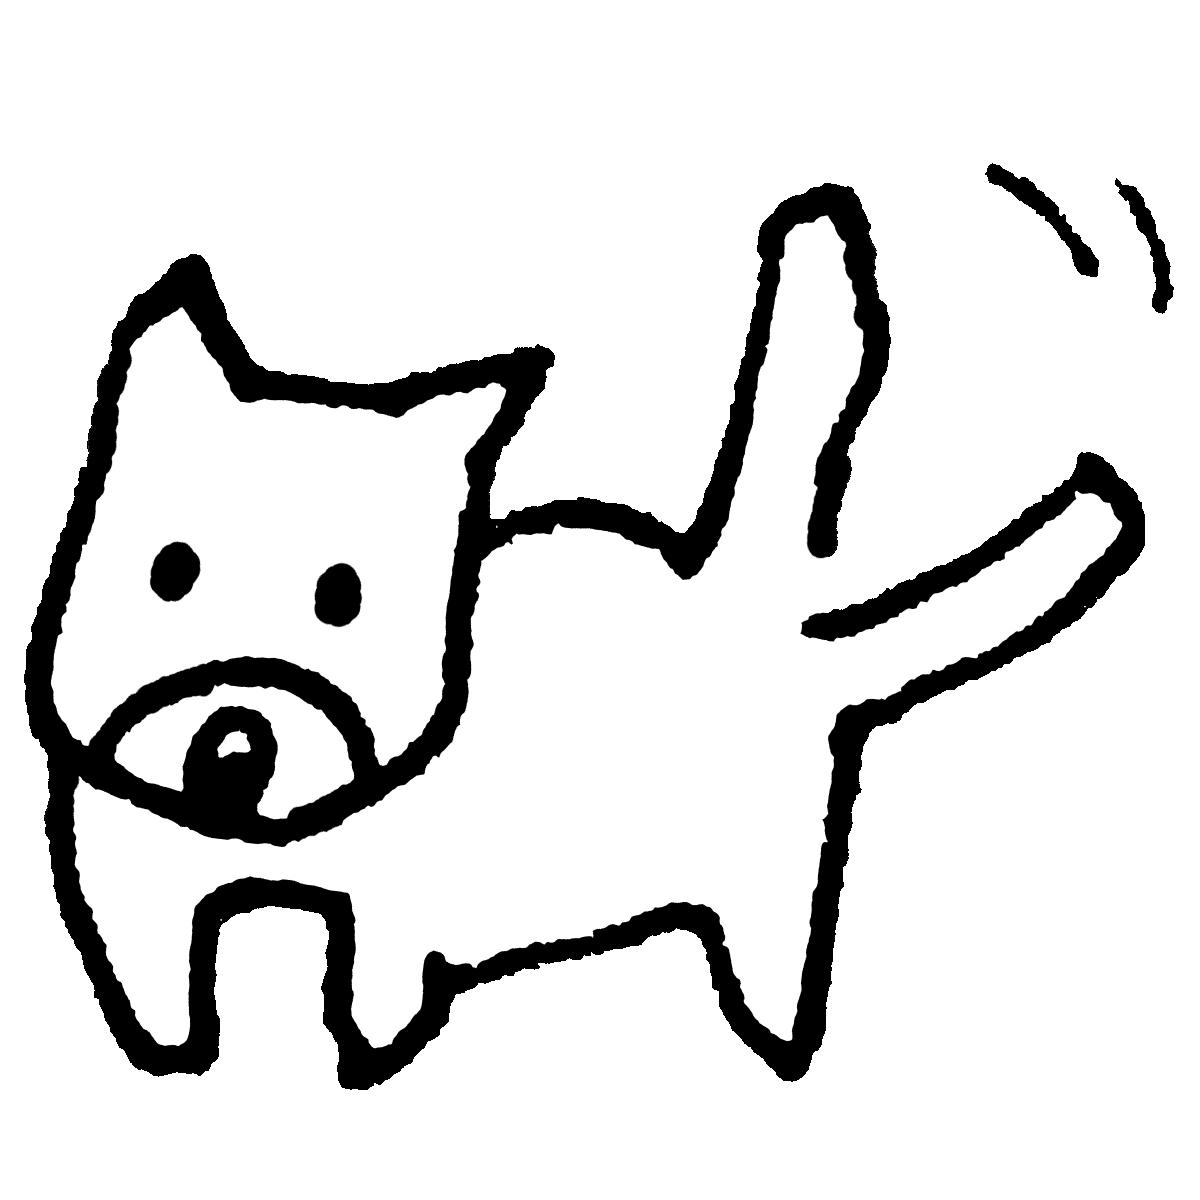 立っている犬2/尾を振るのイラスト / Standing Dog 2/Wagging Tail Illustration